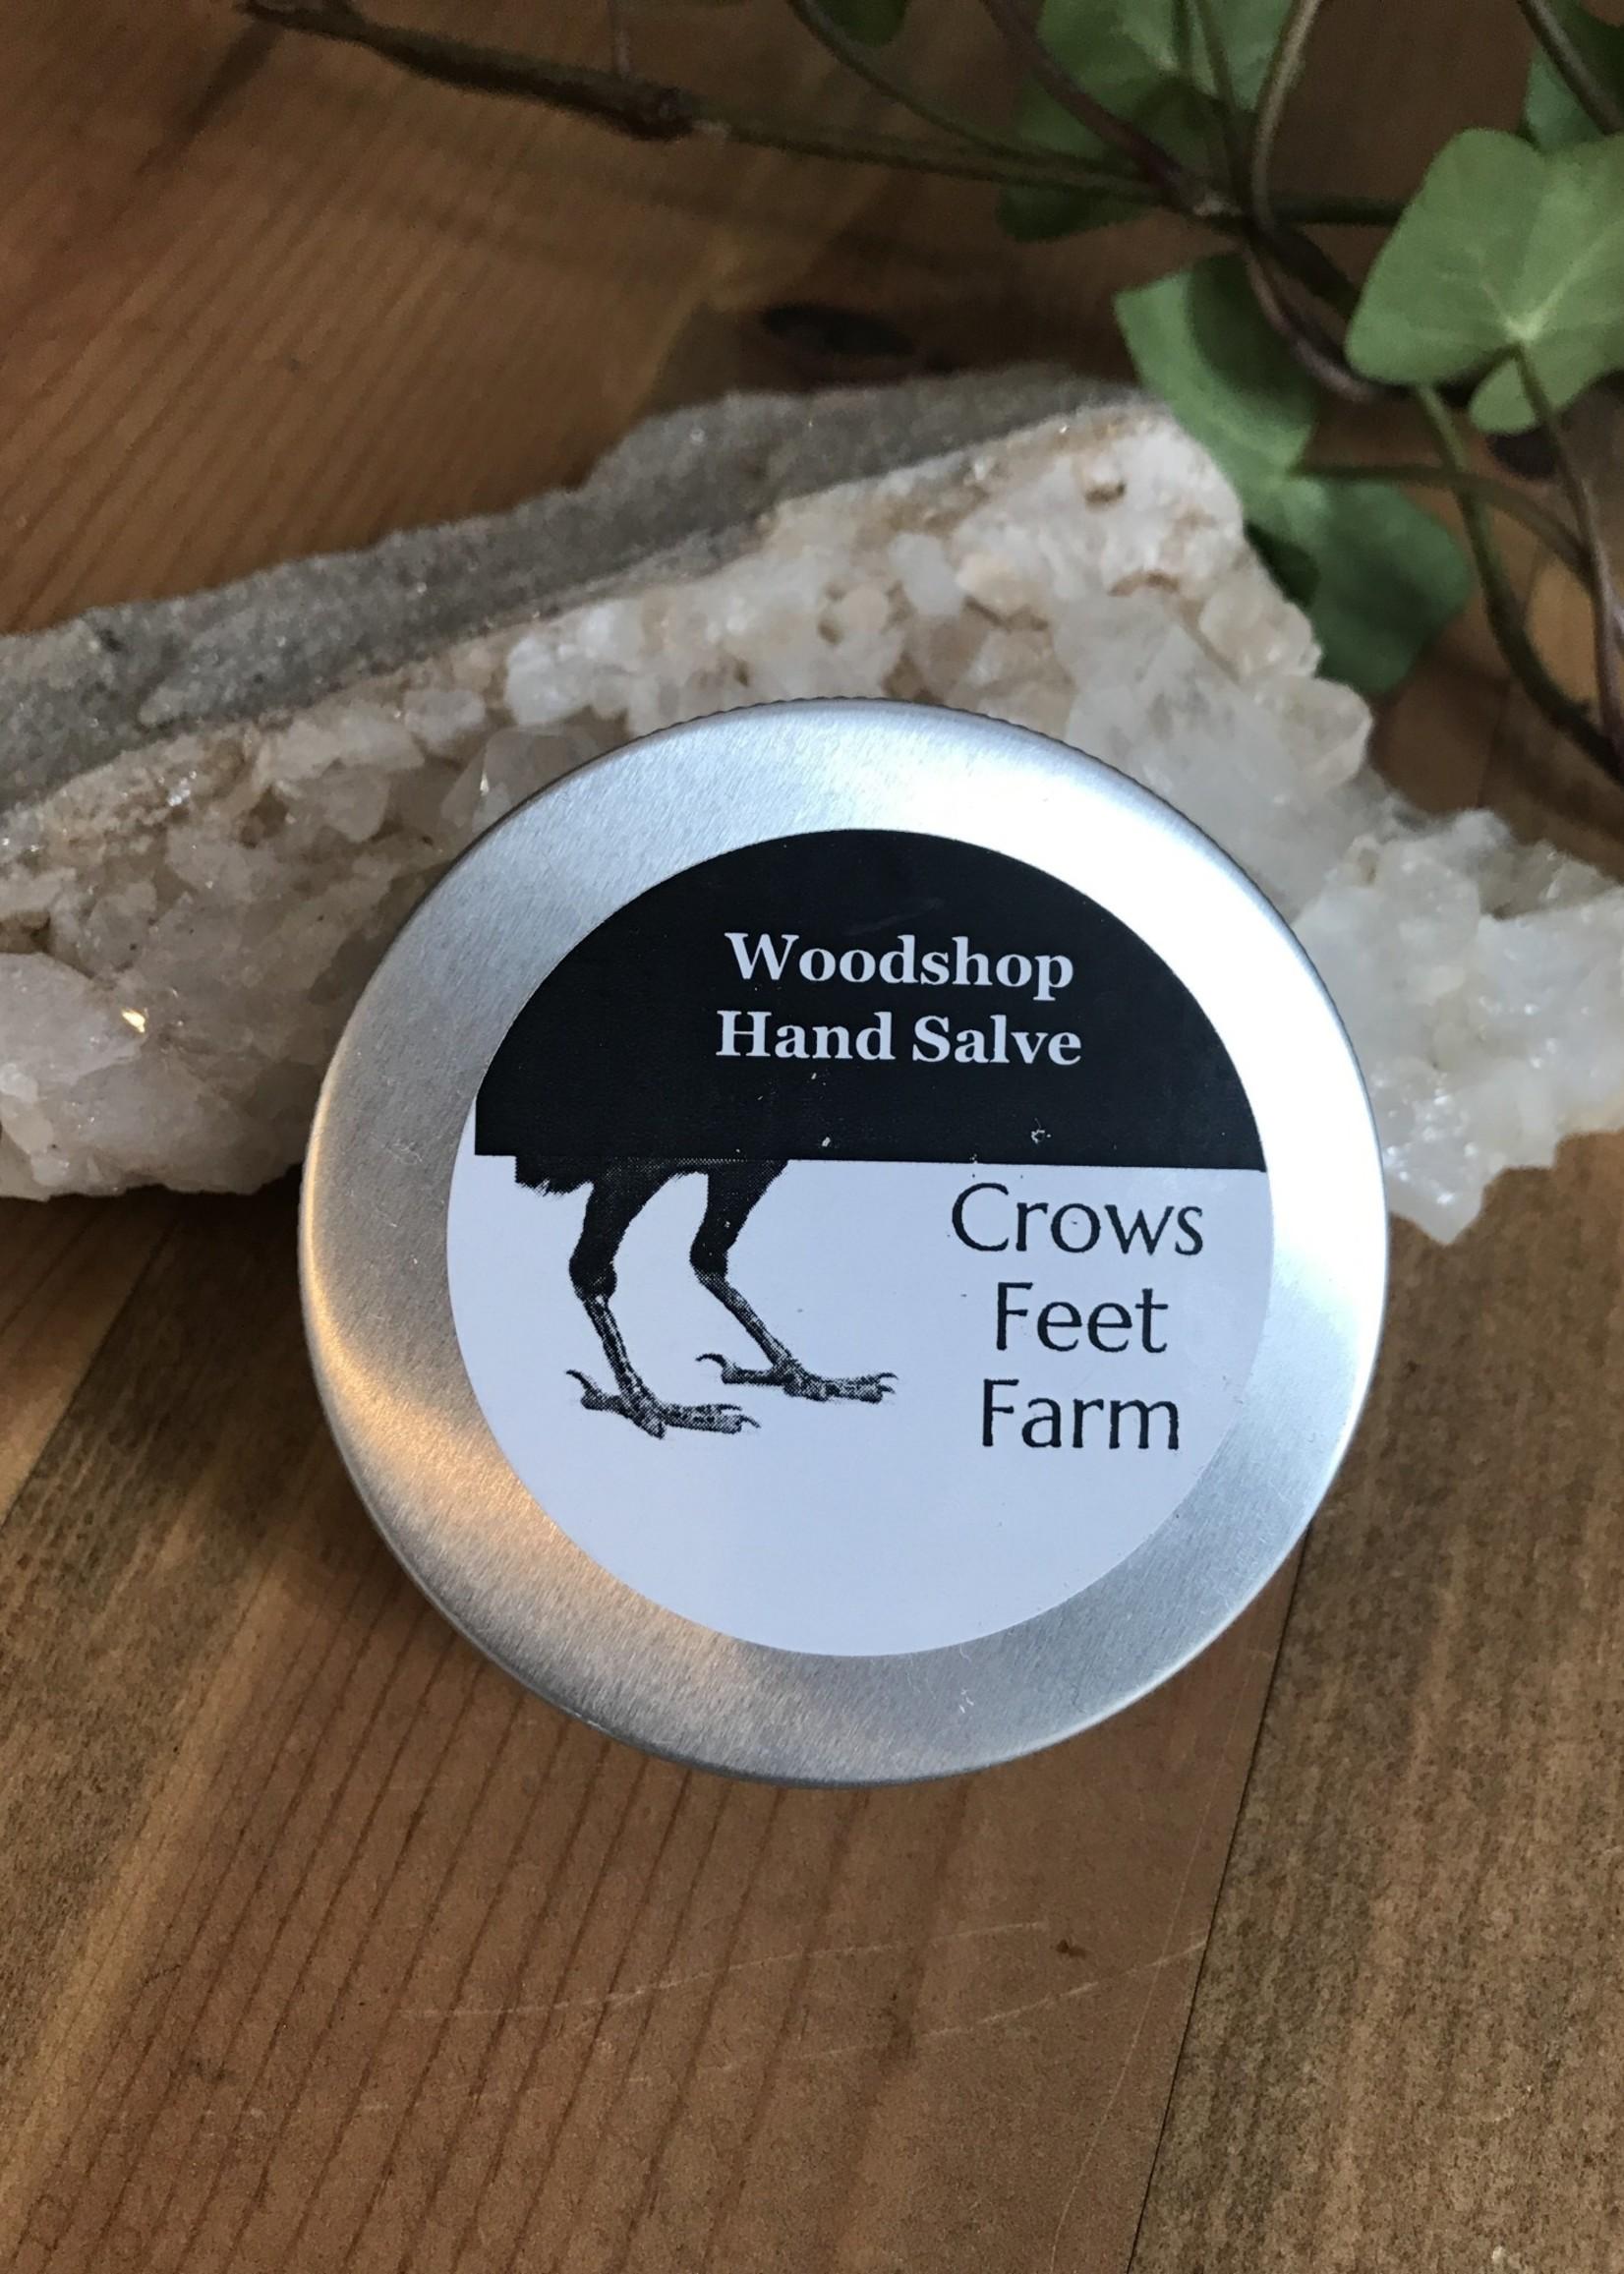 Crow's Feet Farms Woodshop Hand Salve - Crows Feet Farm